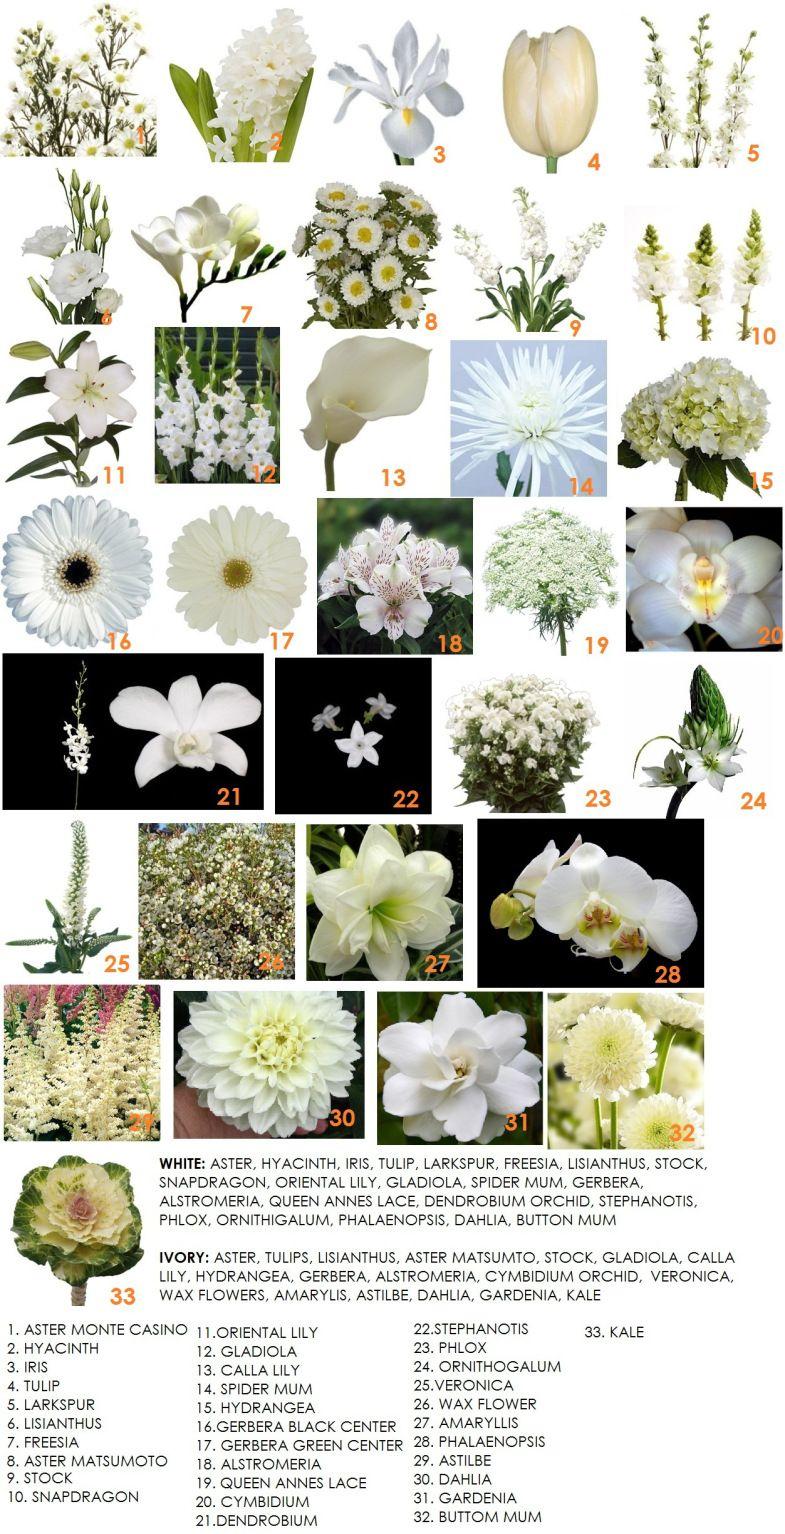 Fiori Bianchi Foto E Nomi.Flower Information Modern Petals Blog Fiori Bianchi Fiori Per